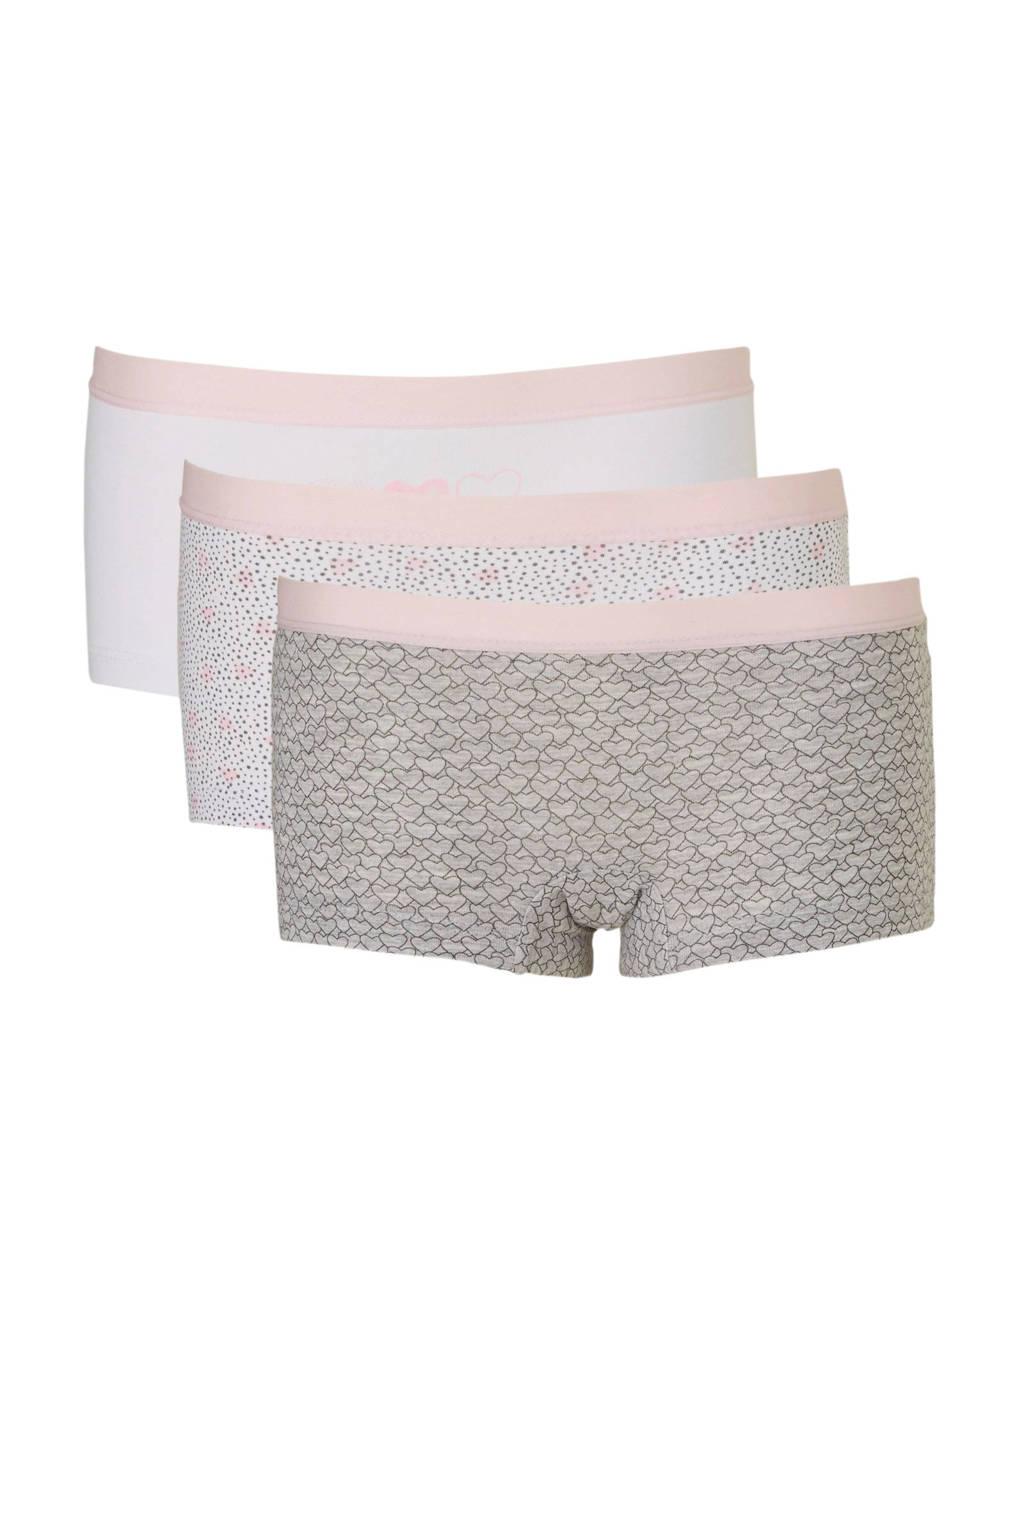 C&A Here & There boxershort lichtgrijs/lichtroze/wit - set van 3, lichtgrijs/roze/wit